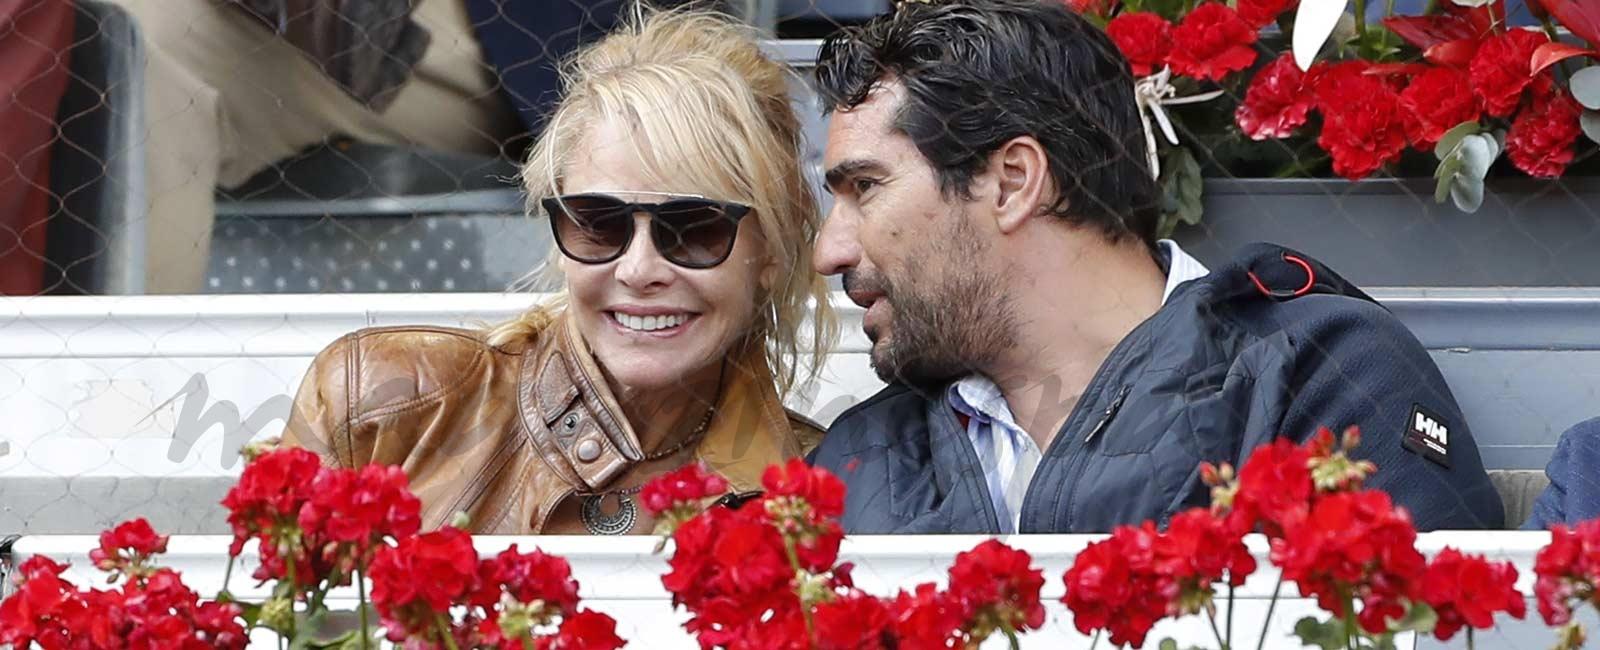 Las imágenes más románticas de Belén Rueda con su nuevo novio